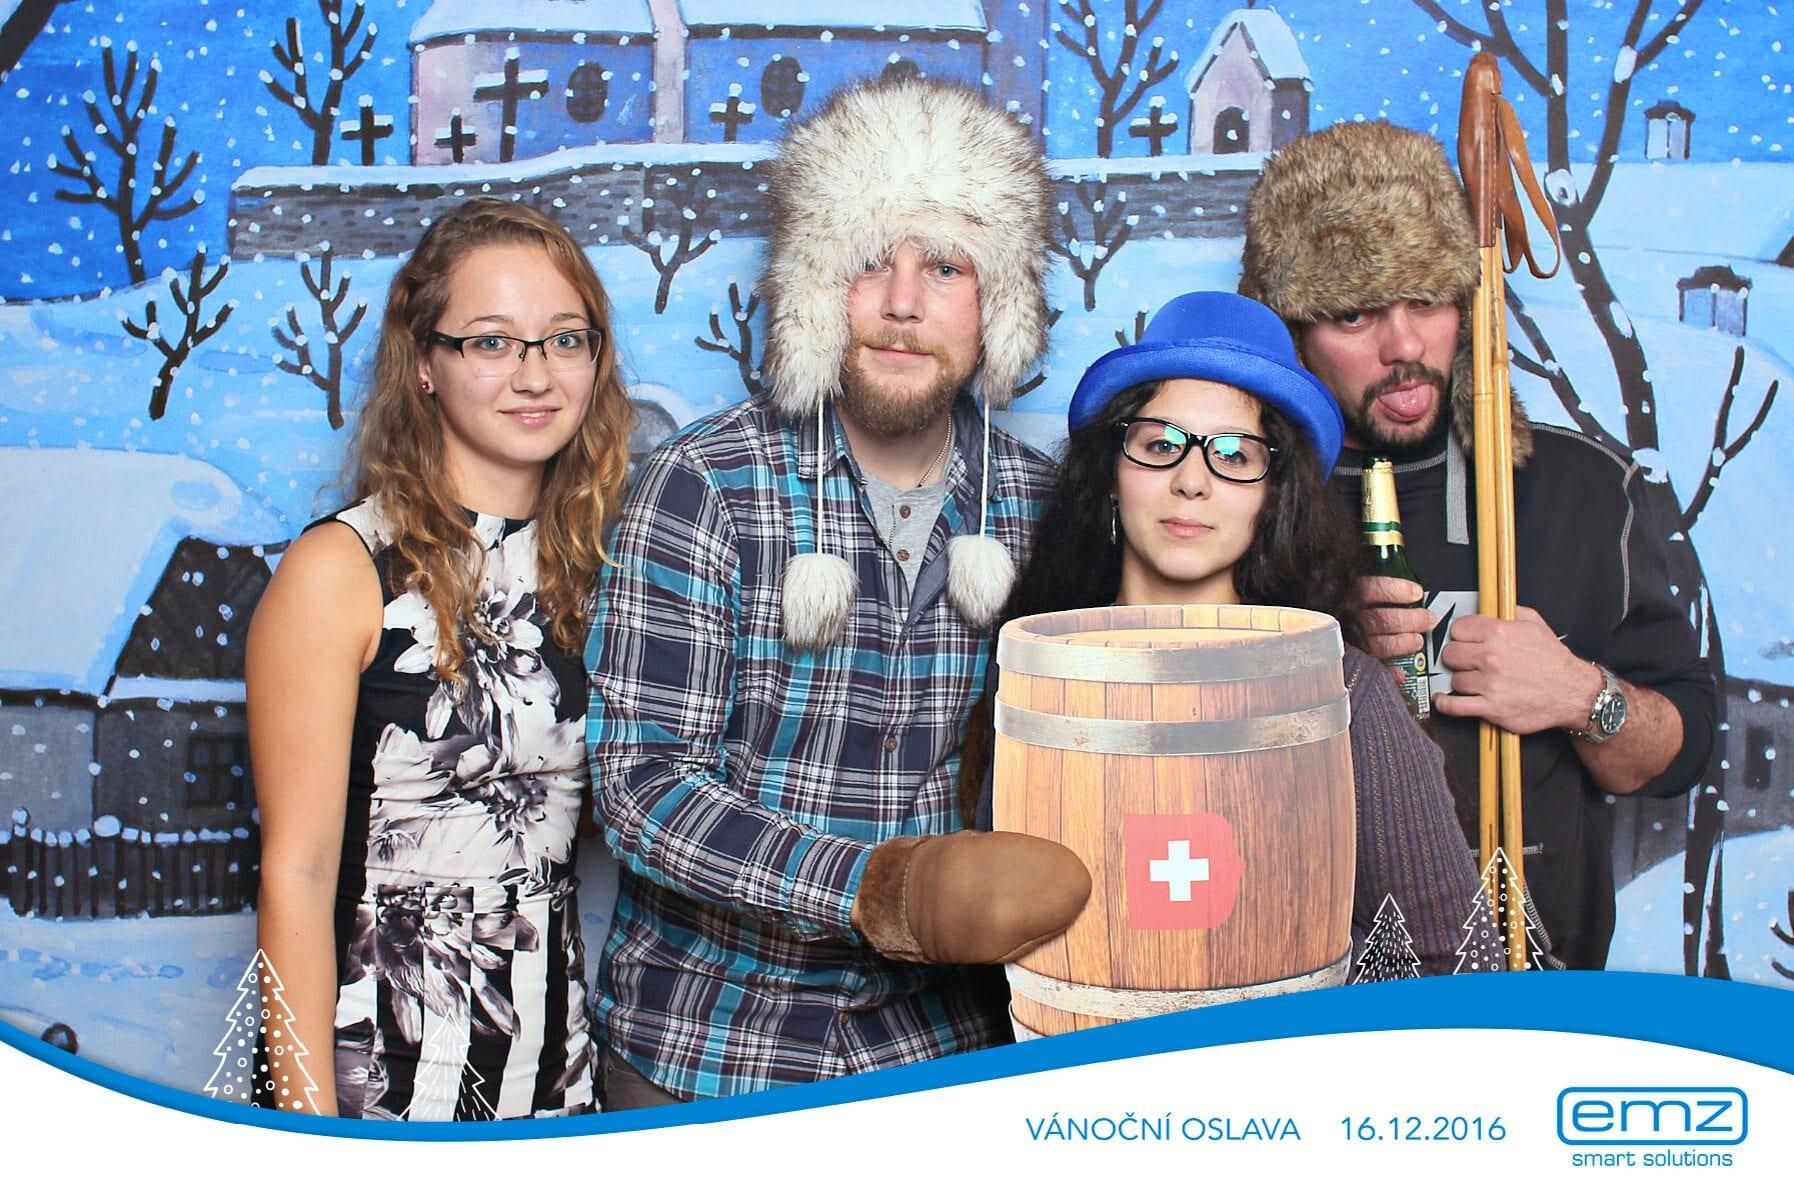 fotokoutek-emz-vanocni-oslava-16-12-2016-195850